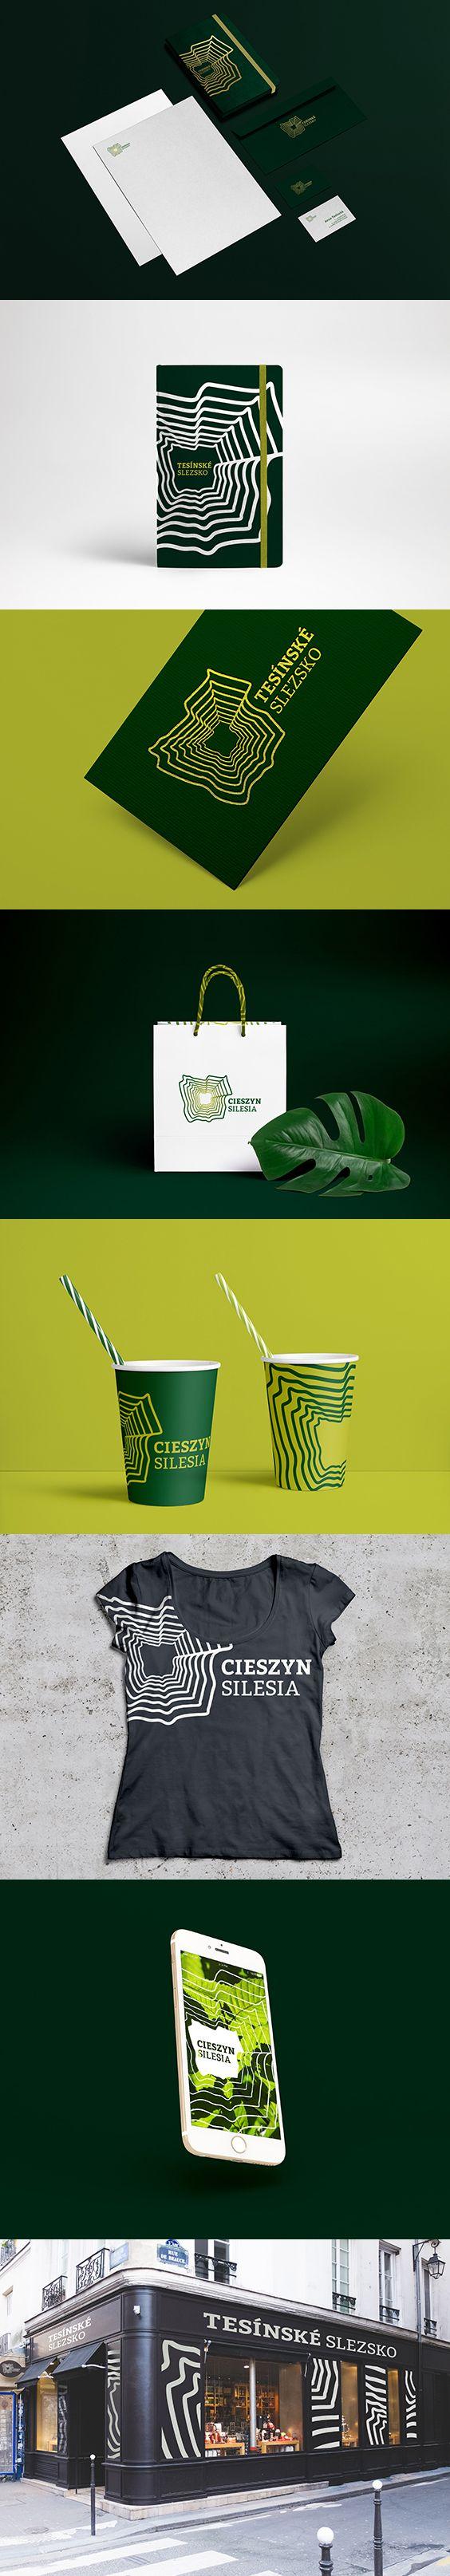 Cieszyn Silesia - Slask Cieszynski - Logo and Branding Concept by ZIIJN https://ziijn.myportfolio.com